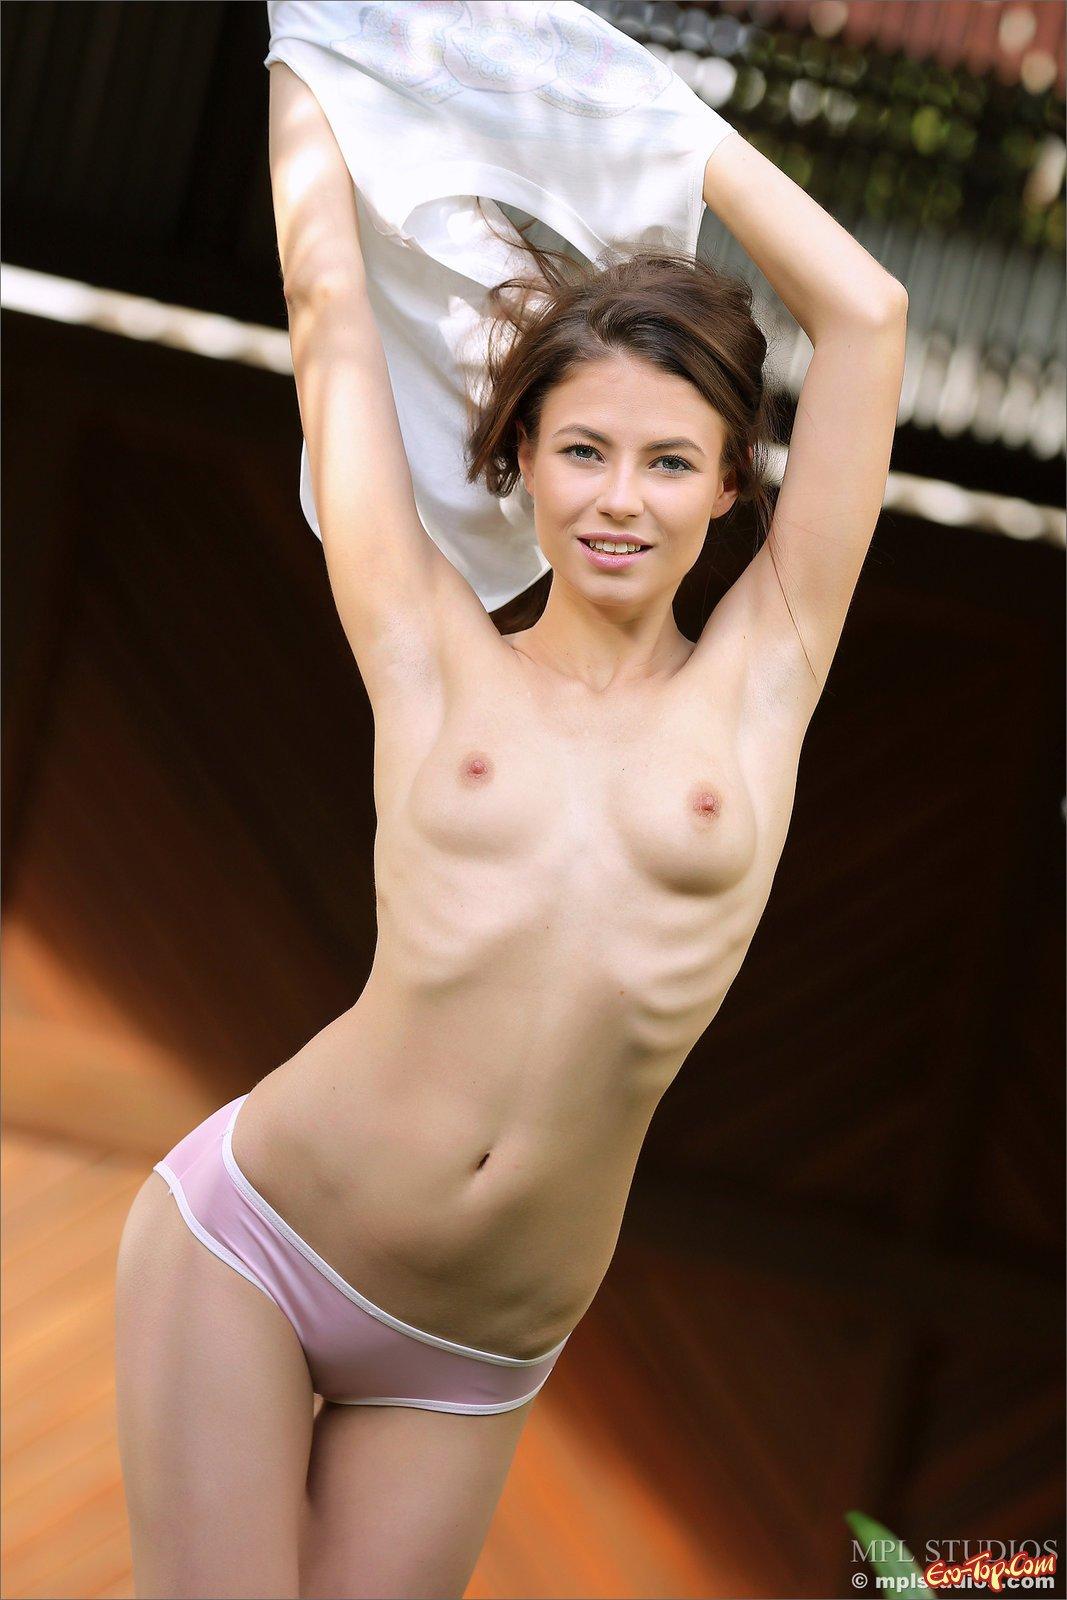 Юная милашка с худеньким торсом скинула бикини